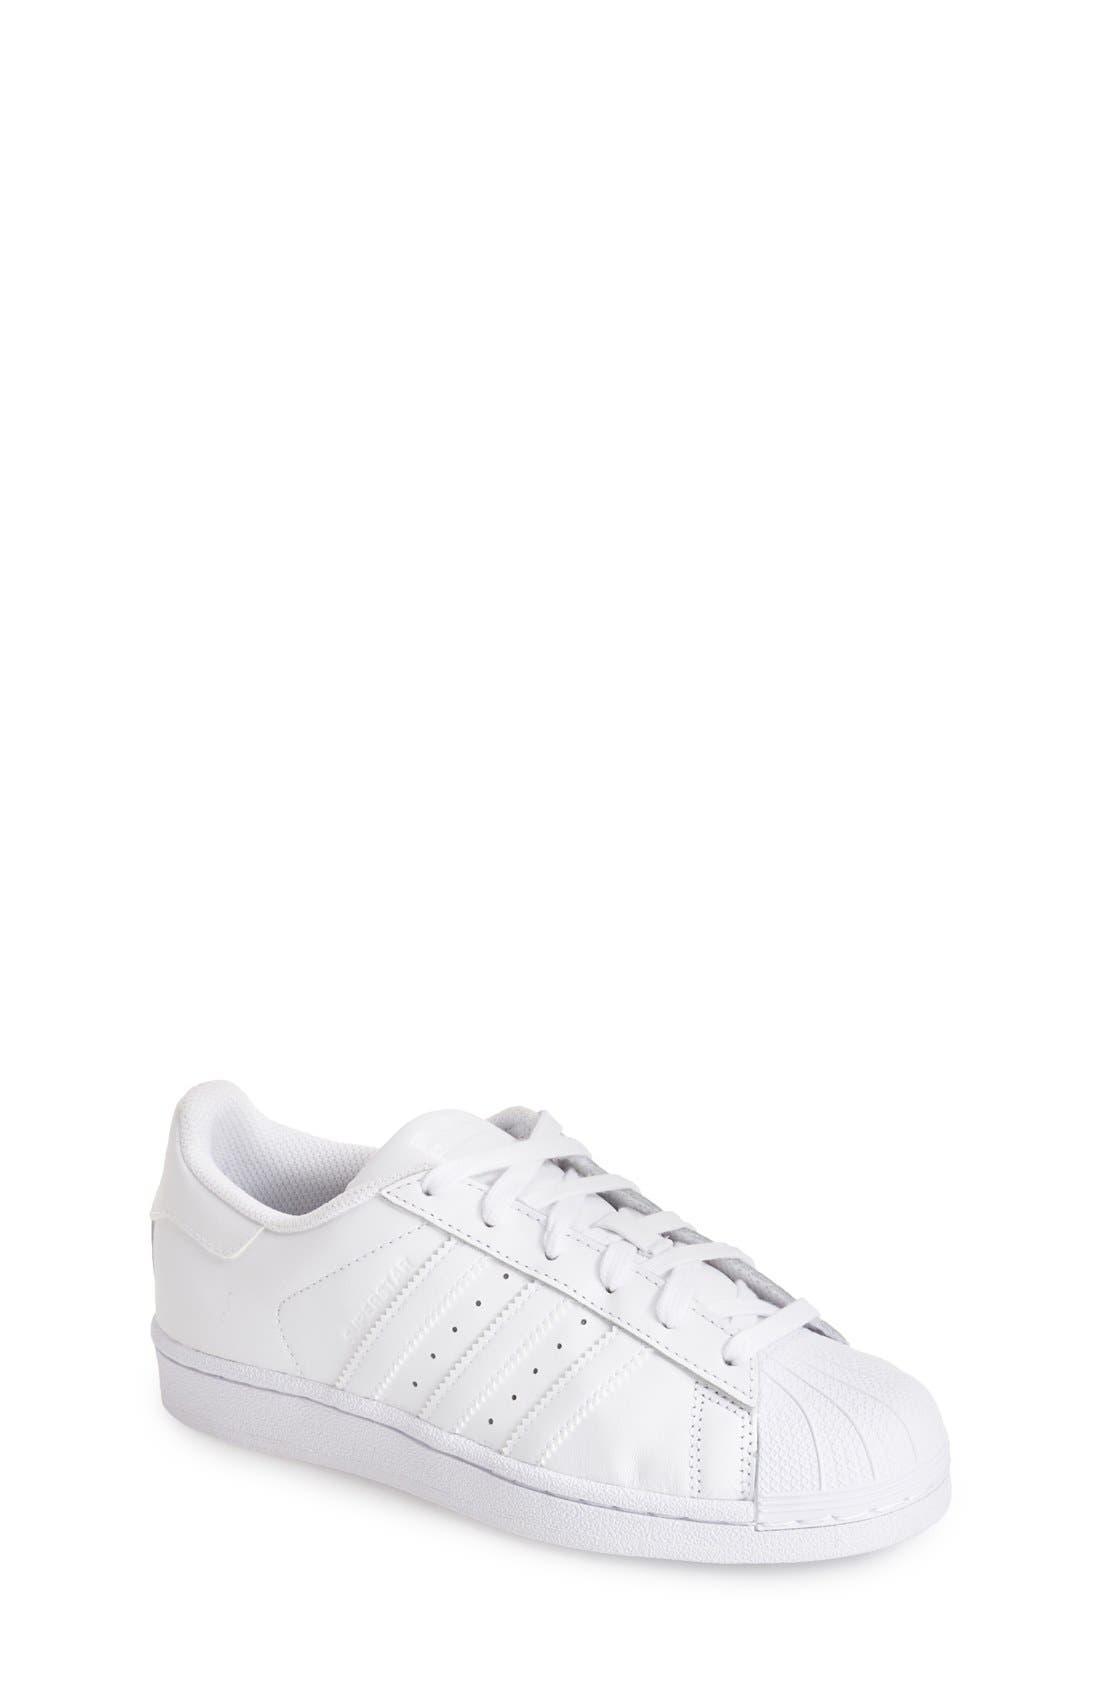 'Superstar 2' Sneaker,                         Main,                         color, White/ White